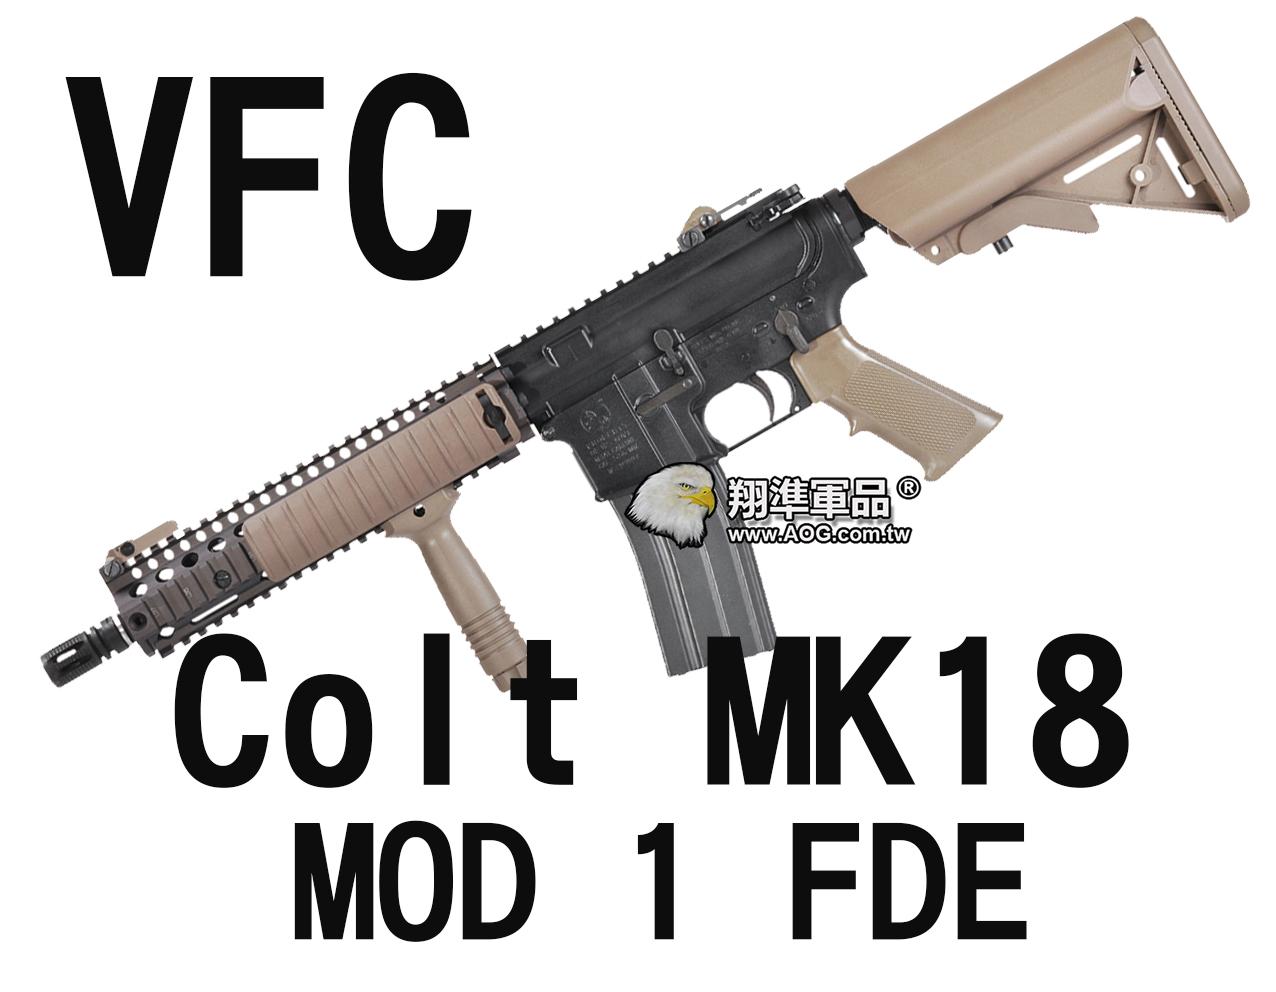 【翔準軍品AOG】【VFC】Colt MK18 MOD 1 FDE  海豹托 魚骨版 電動槍  沙色 黑色 VF1-LMK18M1-TN81